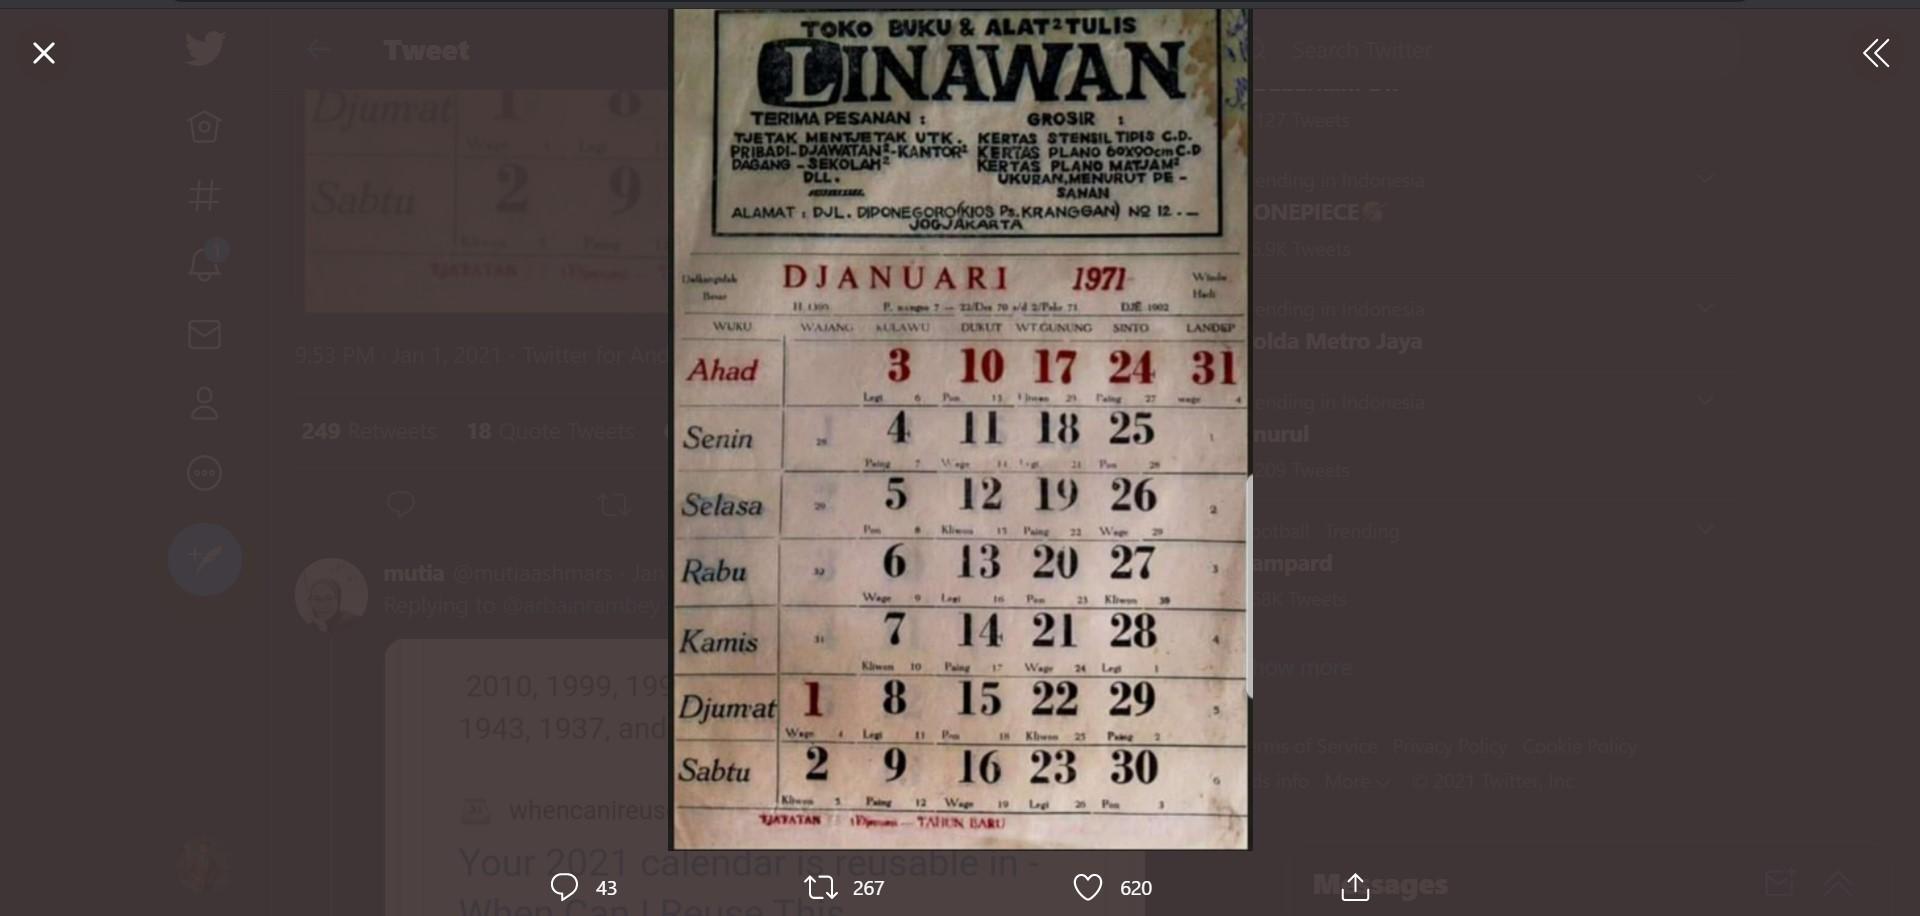 Kalender 1971 Bisa Dipakai di Tahun 2021? Beneran Sama Persis?